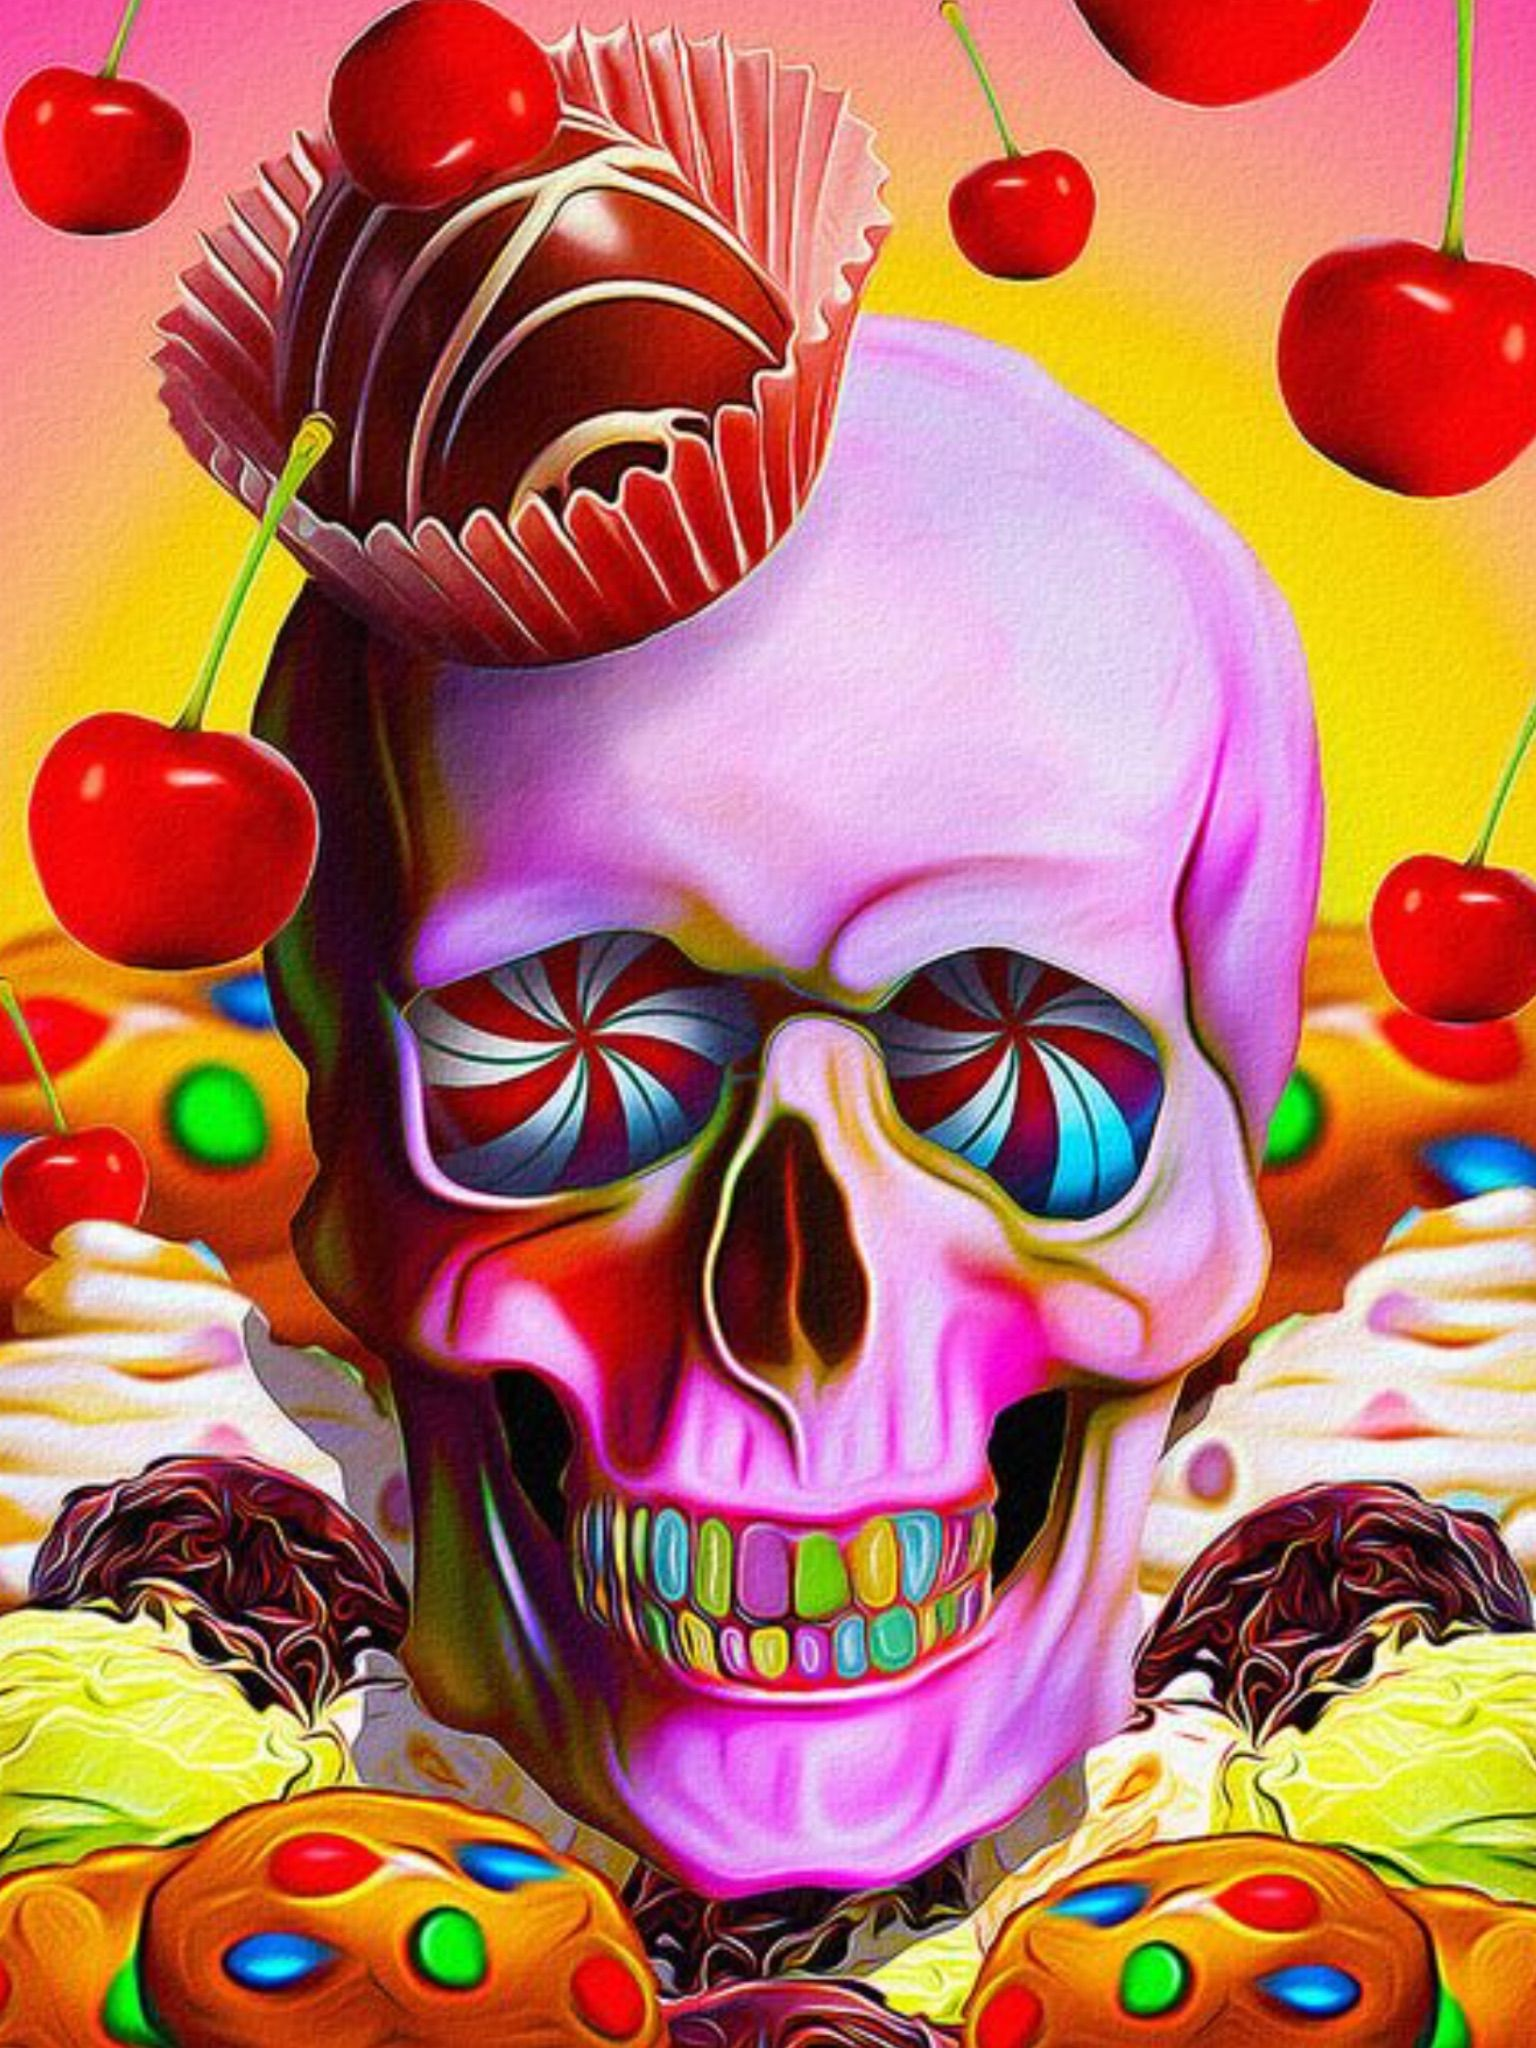 ba927d499eef655bdb5772f88f57aa3b pin by jessica armendariz on tattooos♡ pinterest pretty art